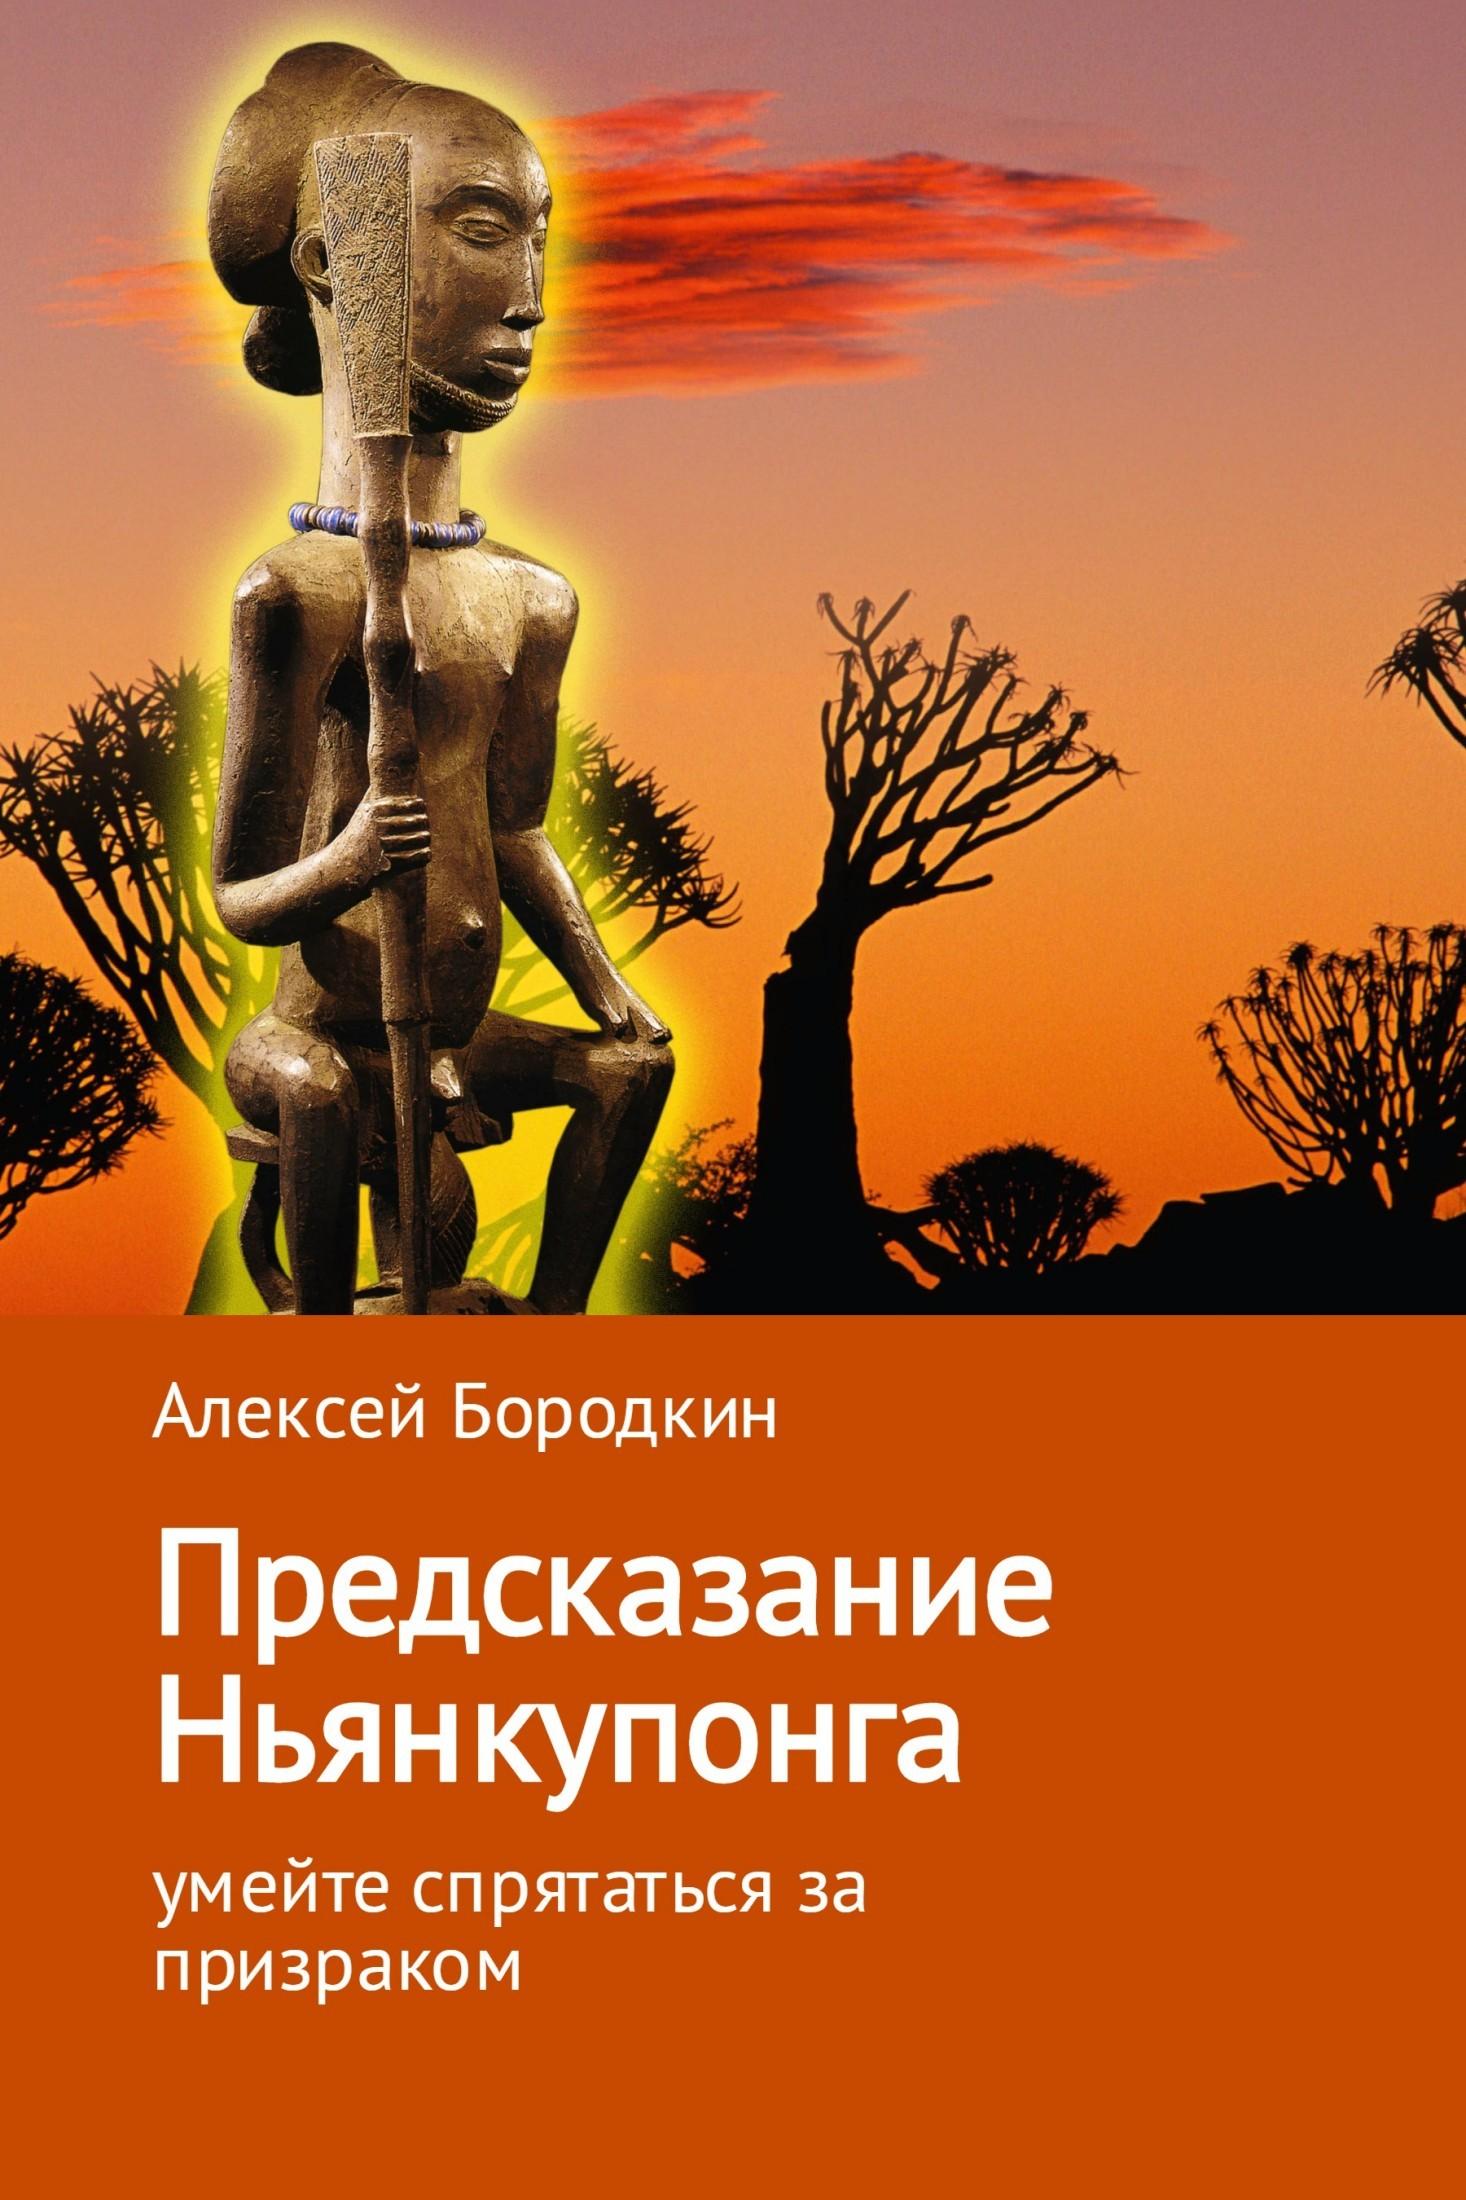 Алексей Петрович Бородкин бесплатно